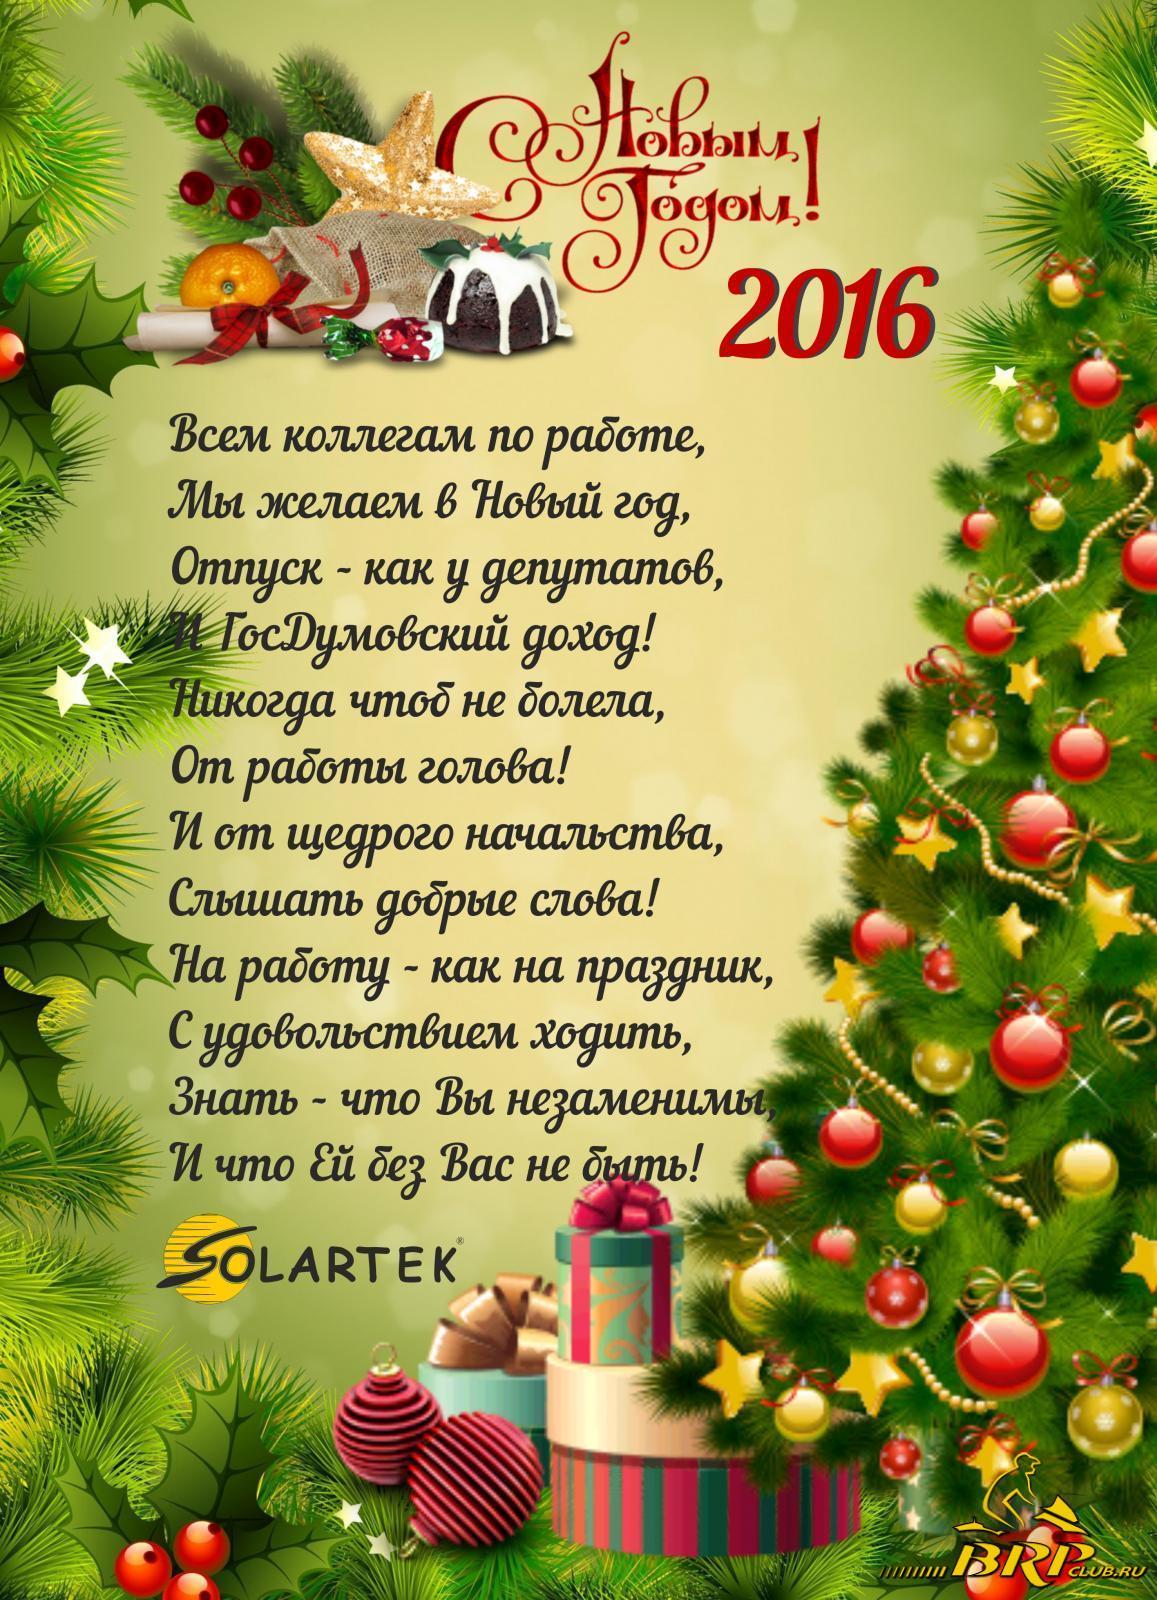 С Новым 2016 годом!.jpg